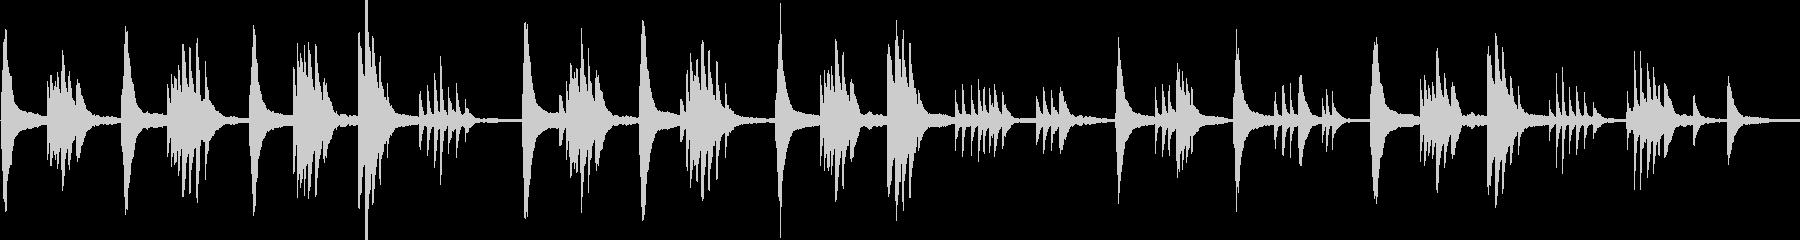 穏やかなピアノソロ フリーテンポの未再生の波形